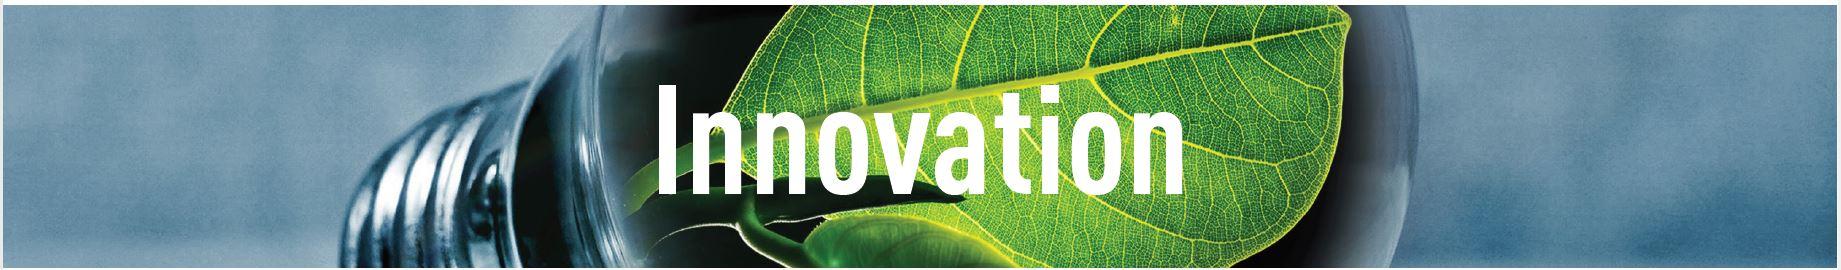 Schriftzug Innovation im Hintergrund Glühbirne mit Blättern darin